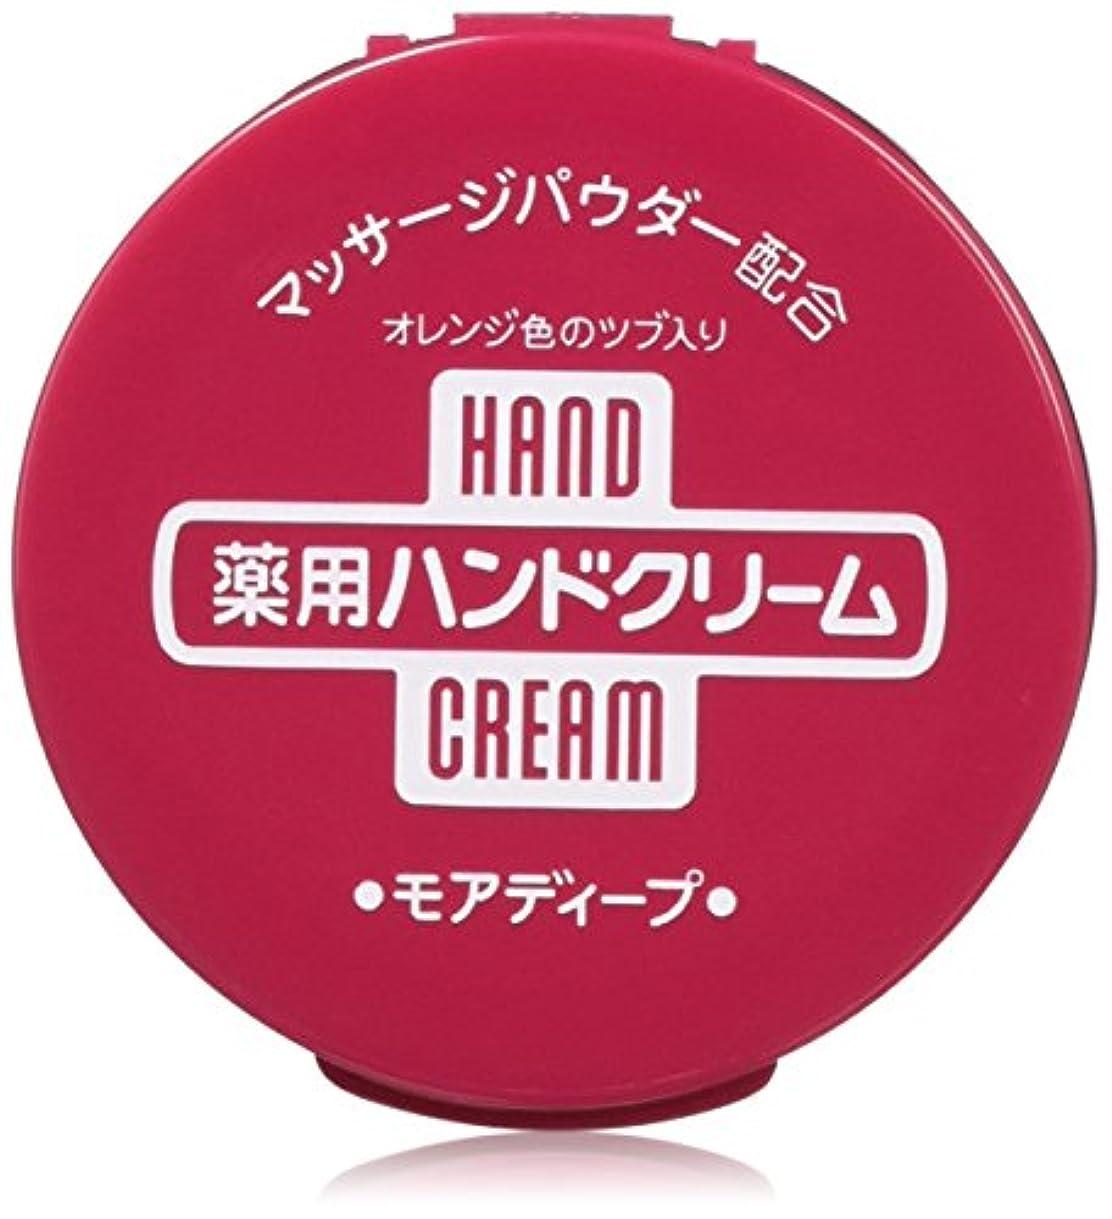 見出し背骨該当する【まとめ買い】薬用ハンドクリーム モアディープ 100g×12個